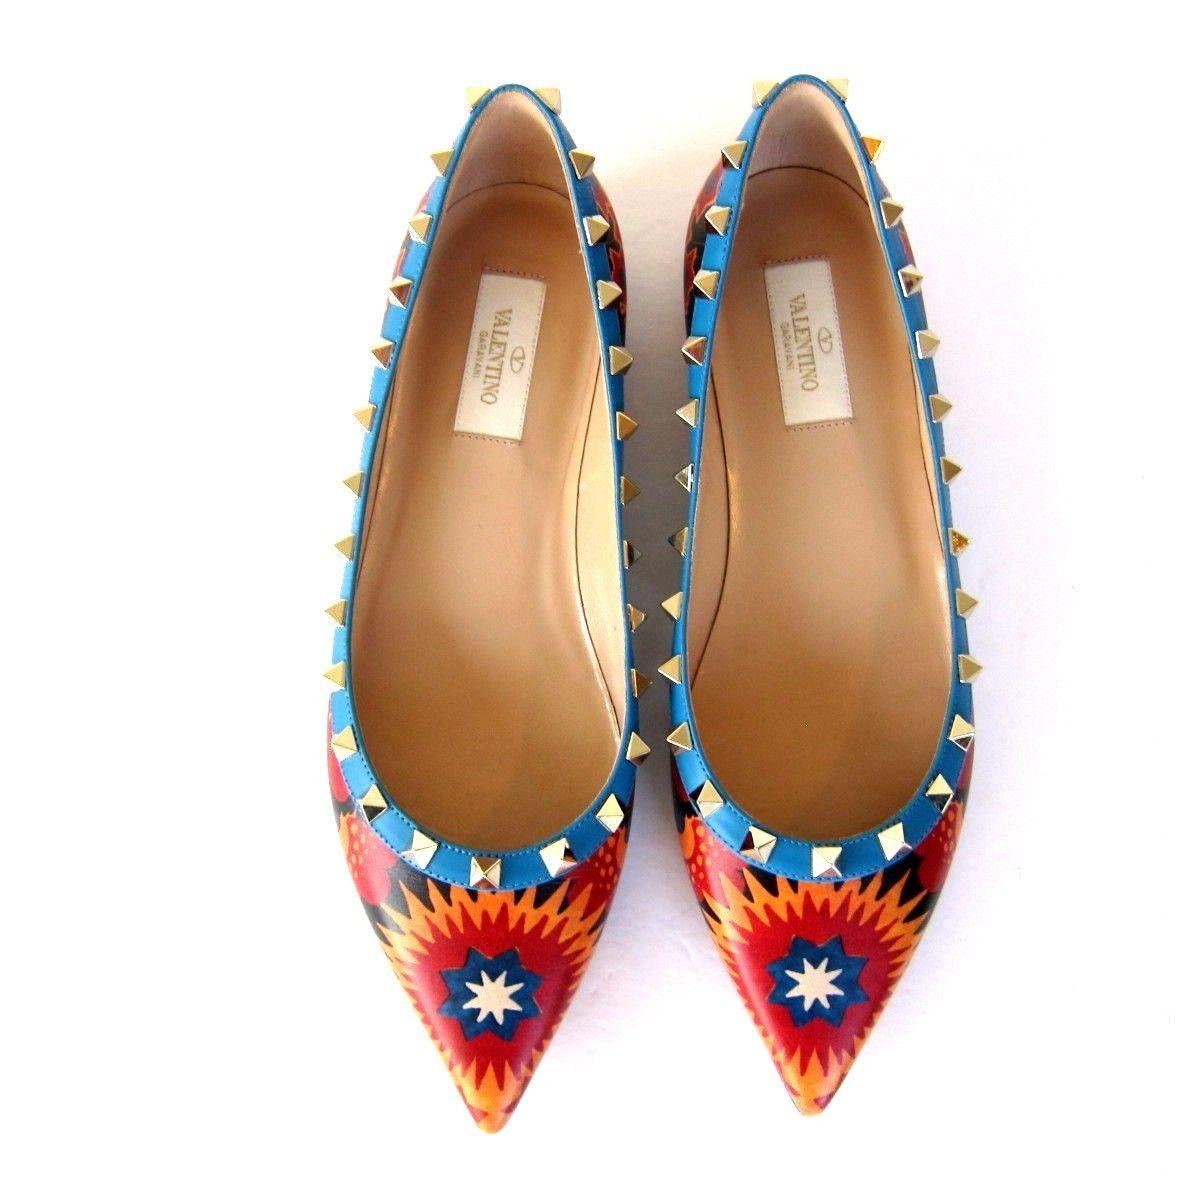 357ad6bb09a J-2657269 New Valentino Garavini Rockstud Flats Shoes Slip-on Size 38.5 US  8.5